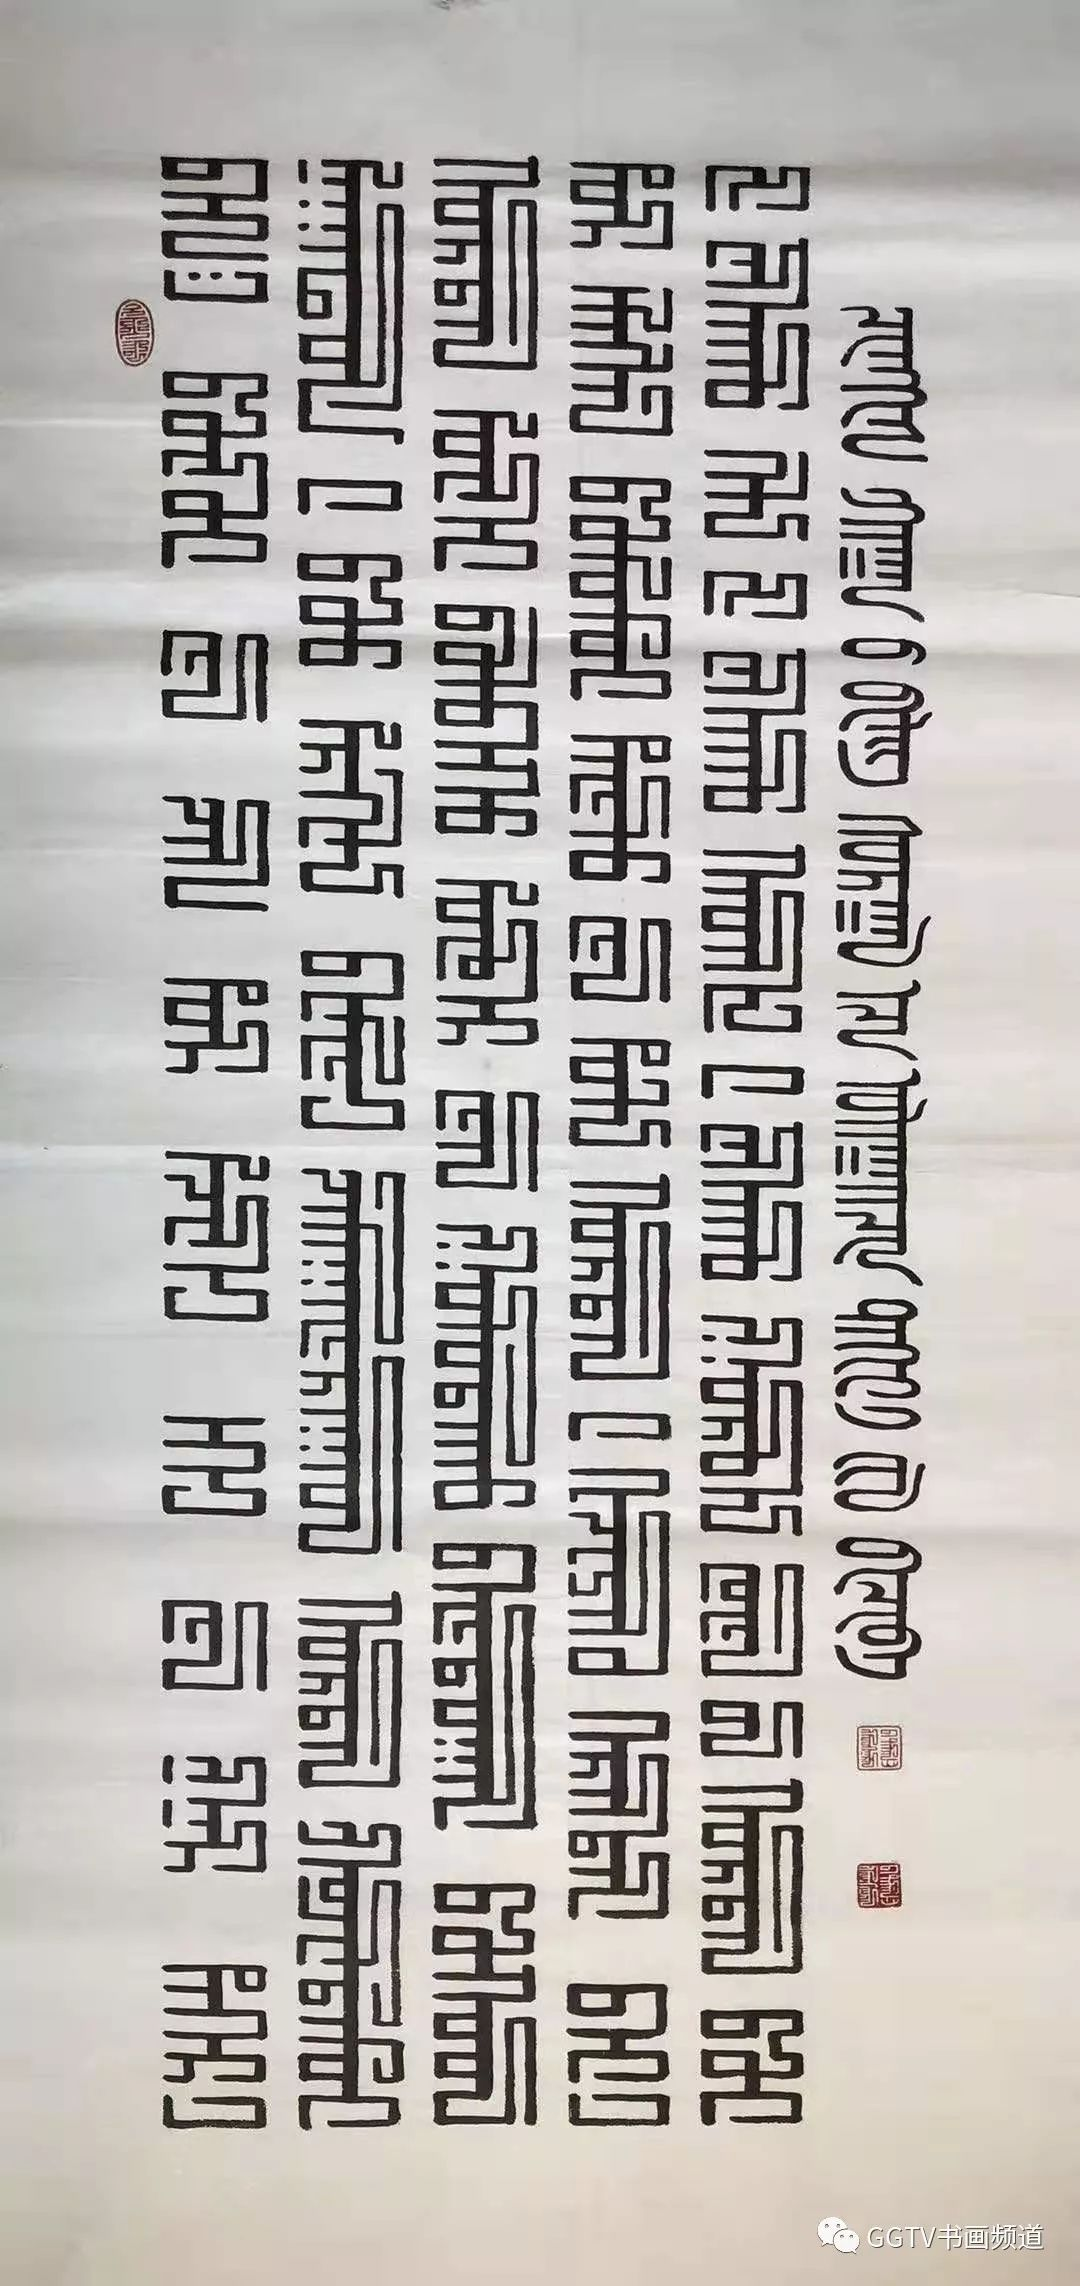 庆祝建国70周年全国优秀艺术家  —— 鲍好斯那拉作品展 第24张